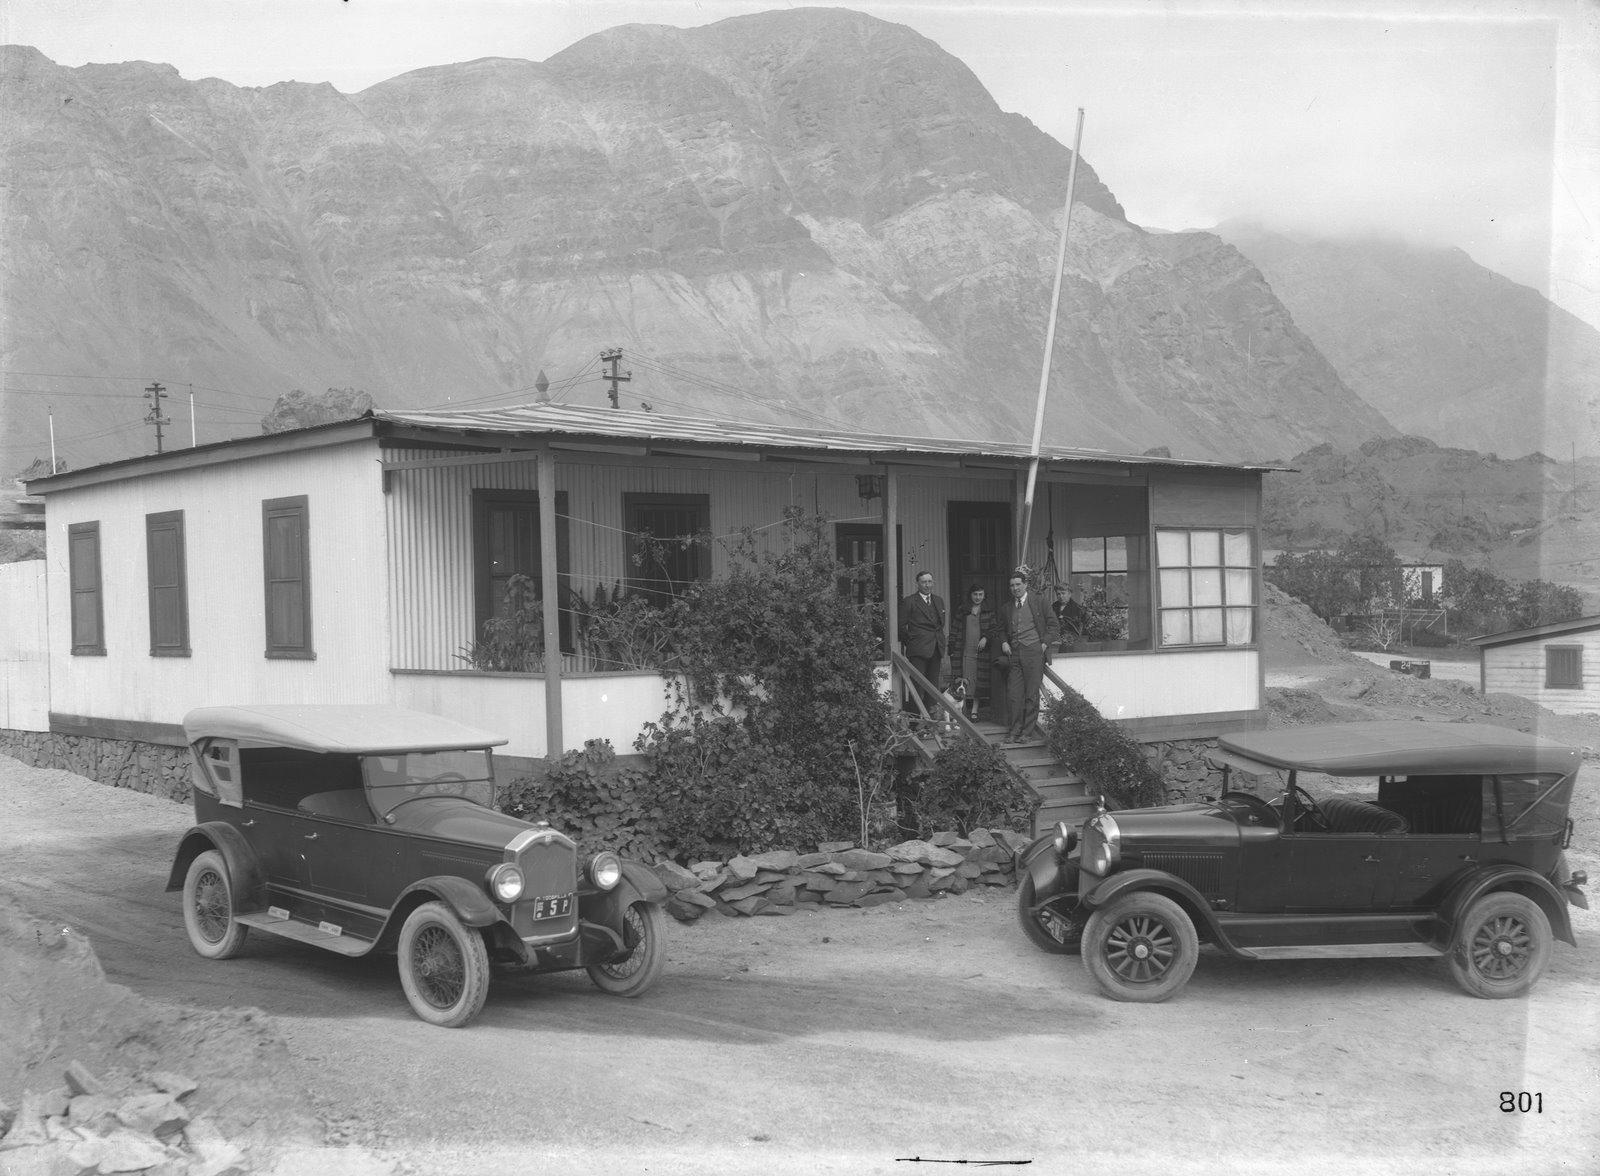 Enterreno - Fotos históricas de chile - fotos antiguas de Chile - Tocopilla en 1925